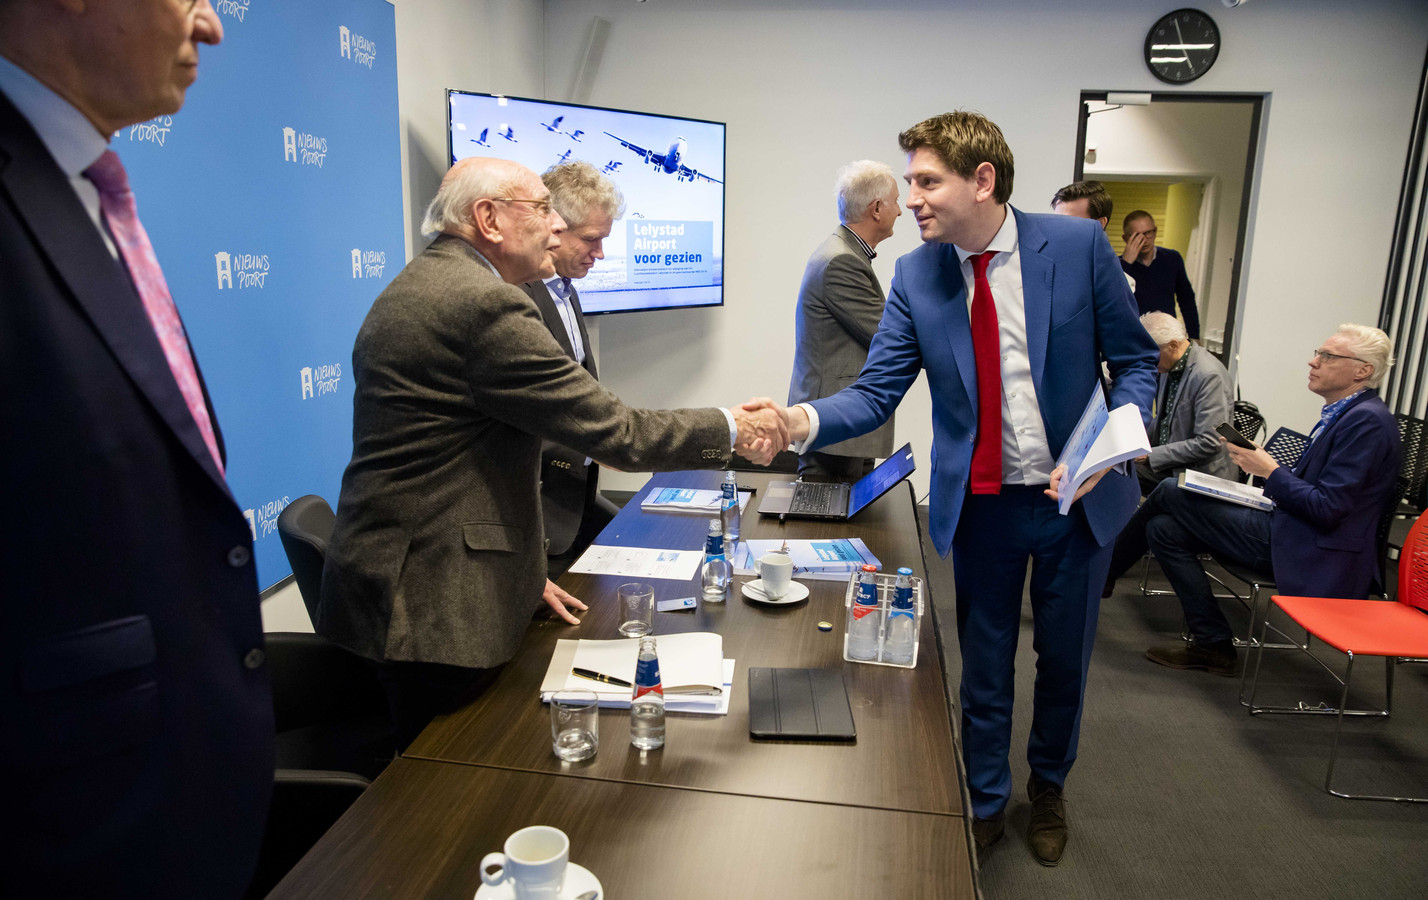 Jan Paternotte (D66) schudt de hand van Mijndert Ververs, voorzitter van de Samenwerkende Actiegroepen Tegen Laagvliegen.